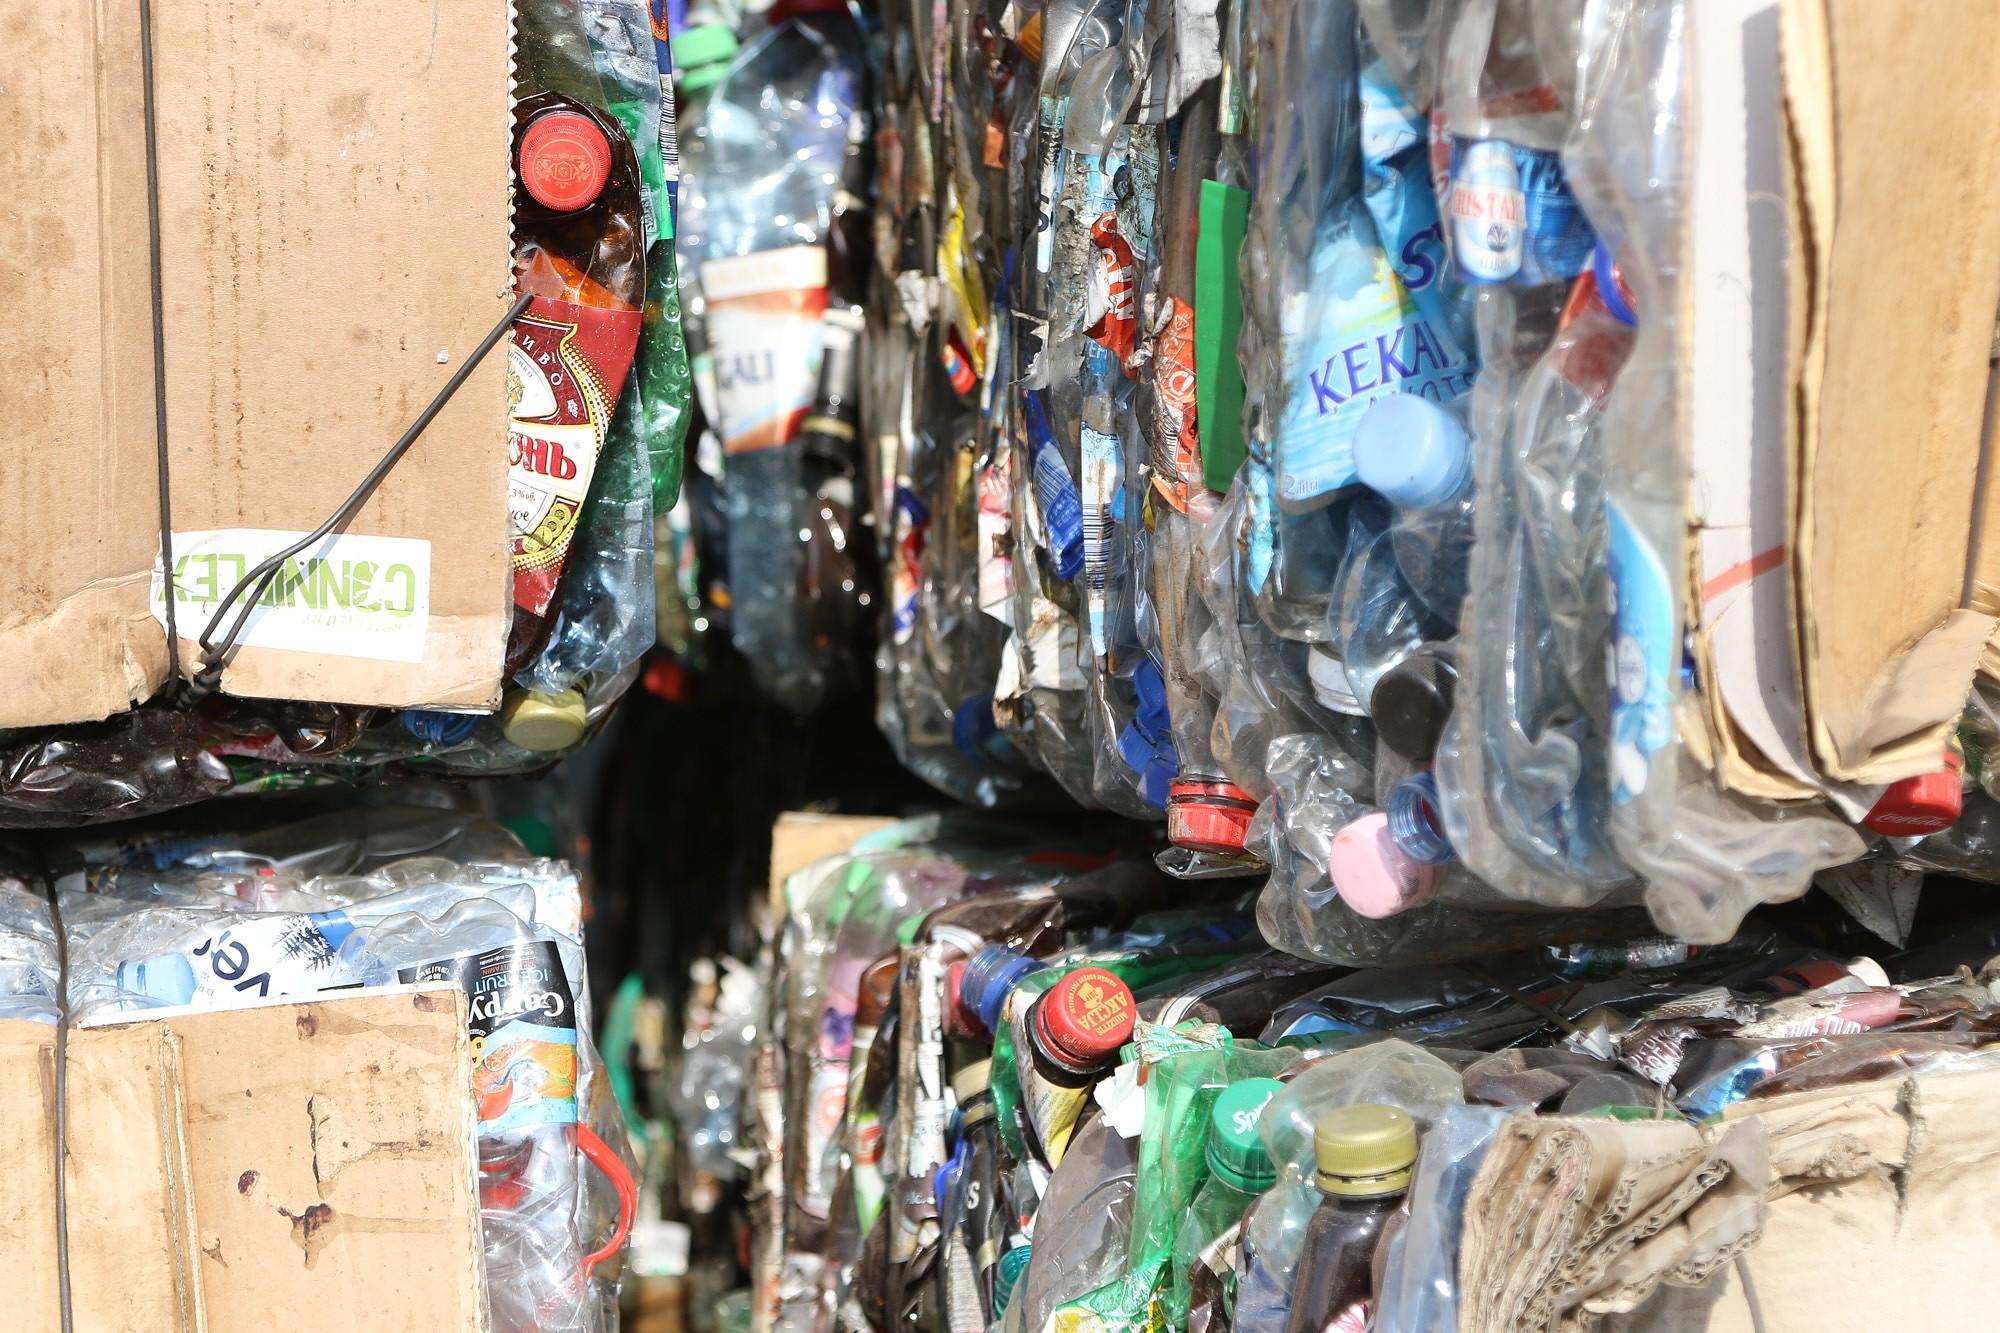 Kāds ir šķiroto atkritumu tālākais ceļš?